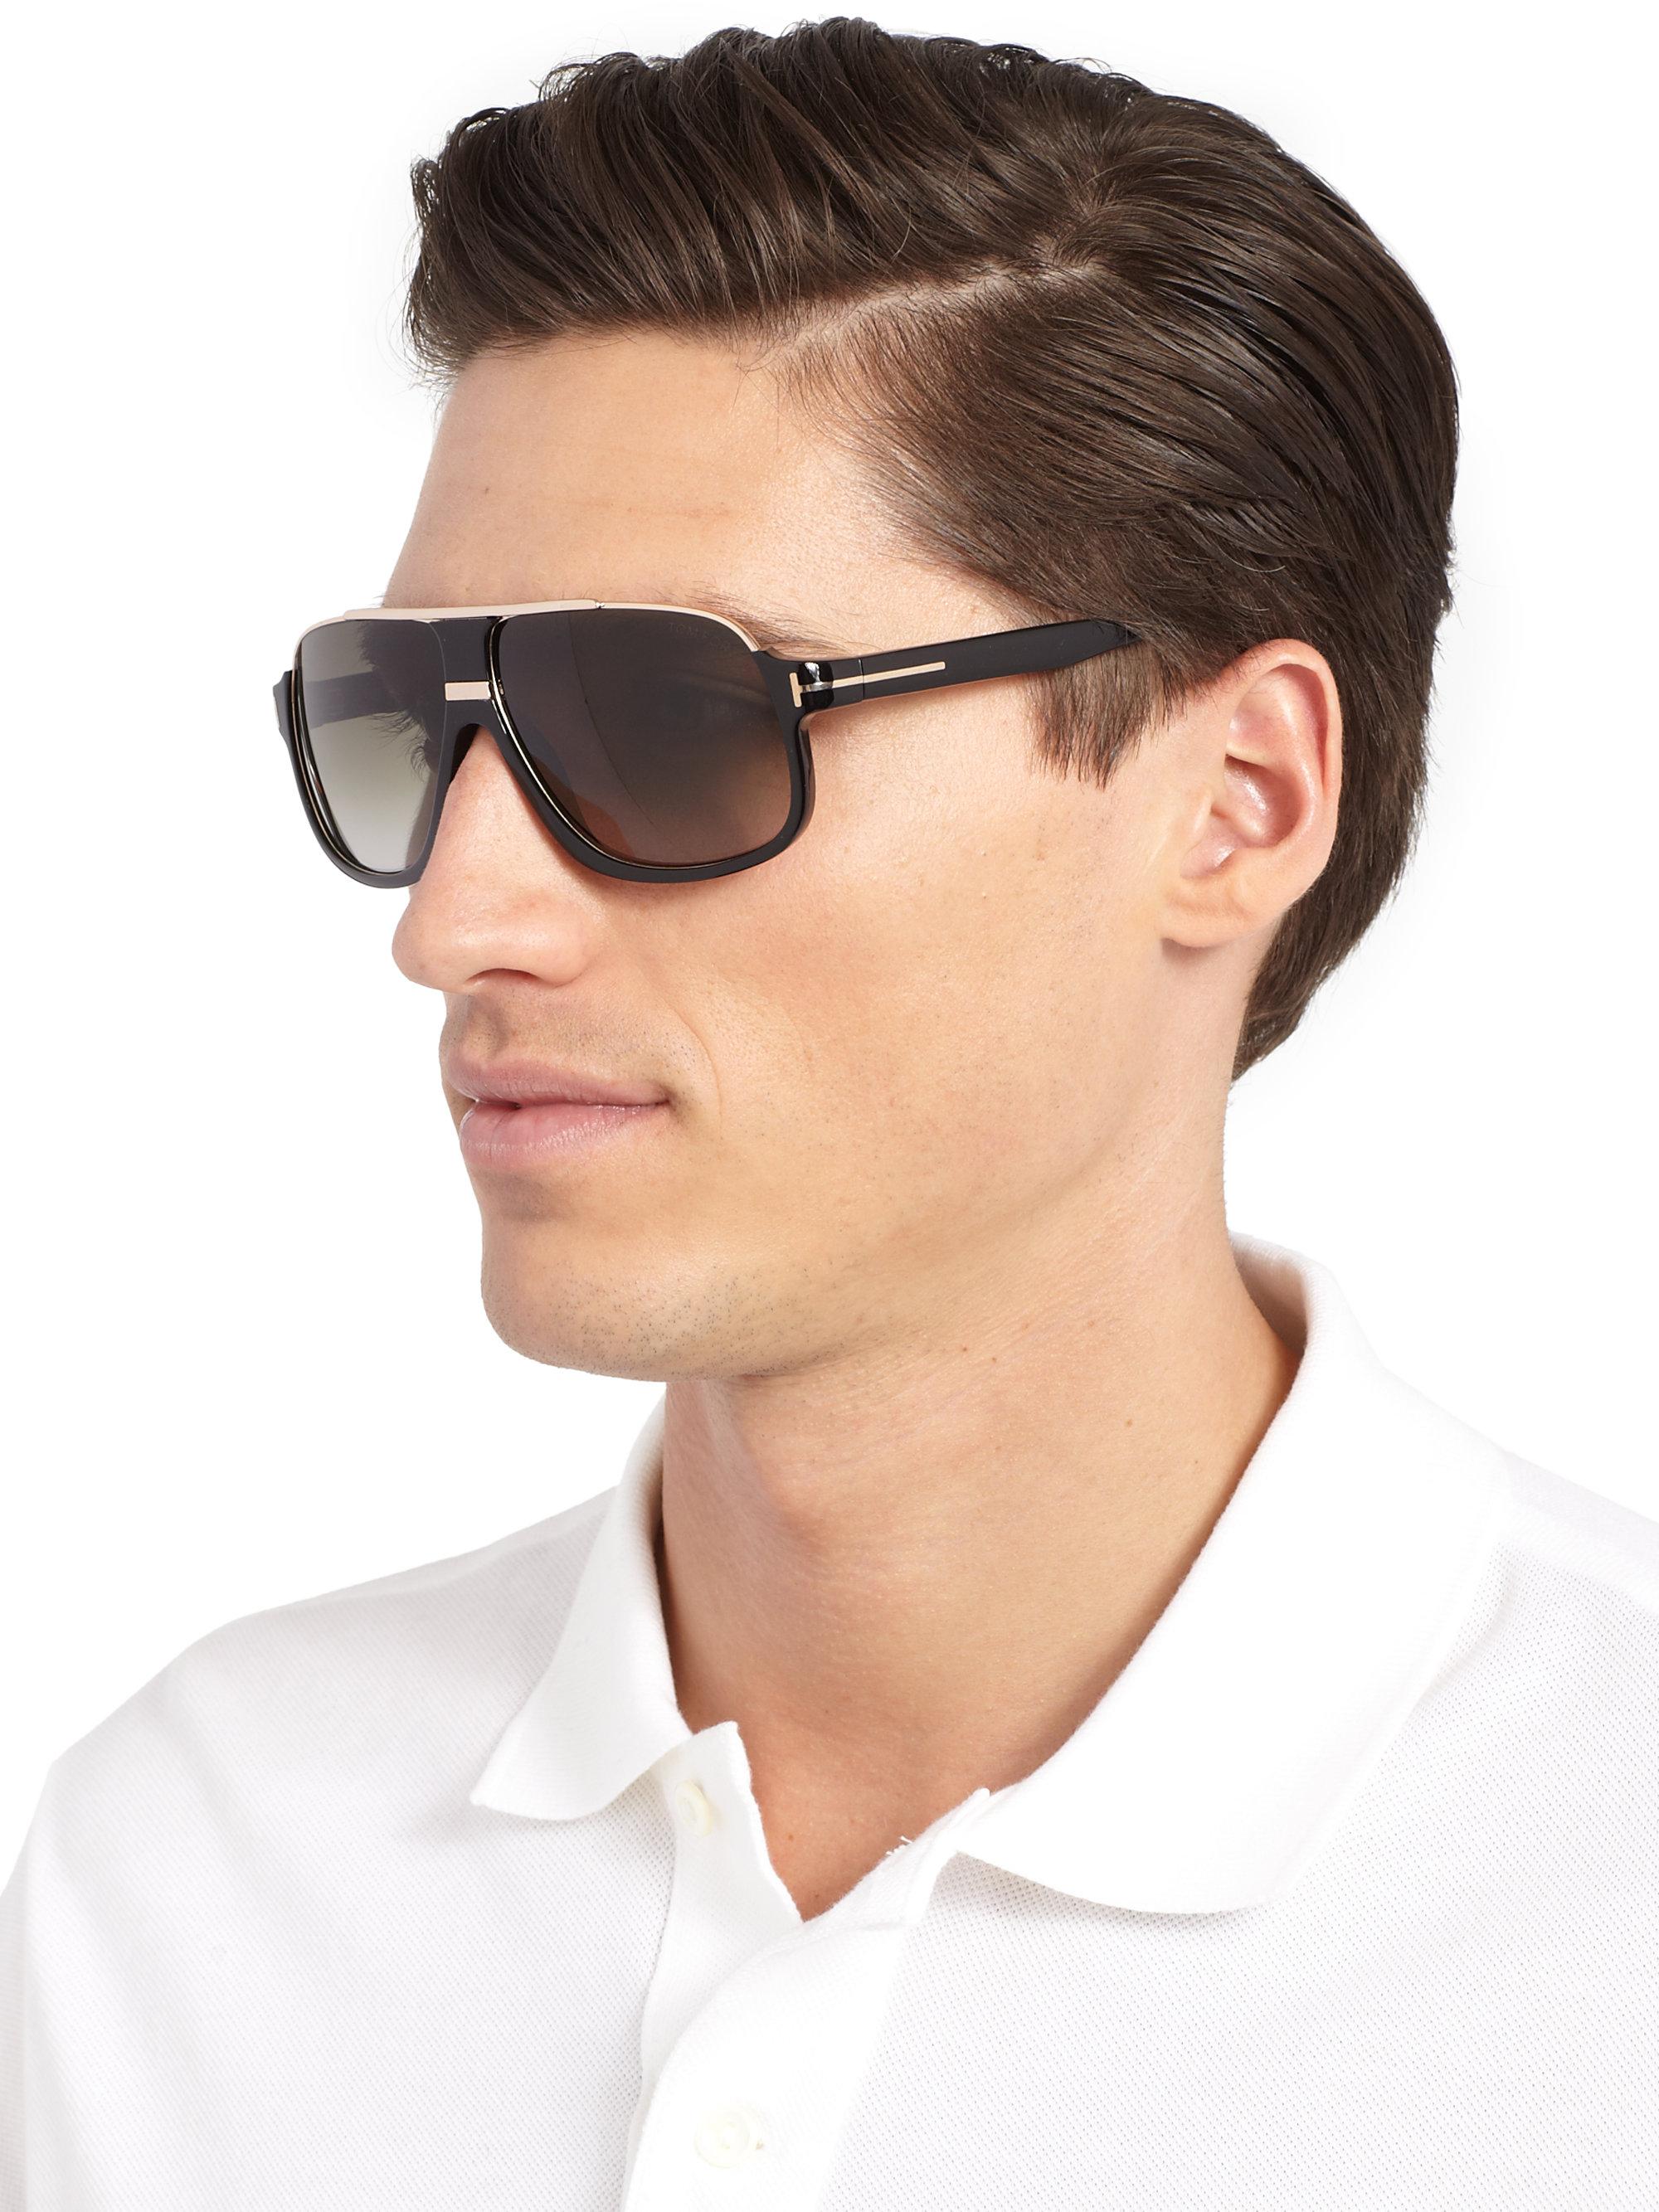 d37f11f7b9 Lyst - Tom Ford Eliot Sunglasses in Black for Men